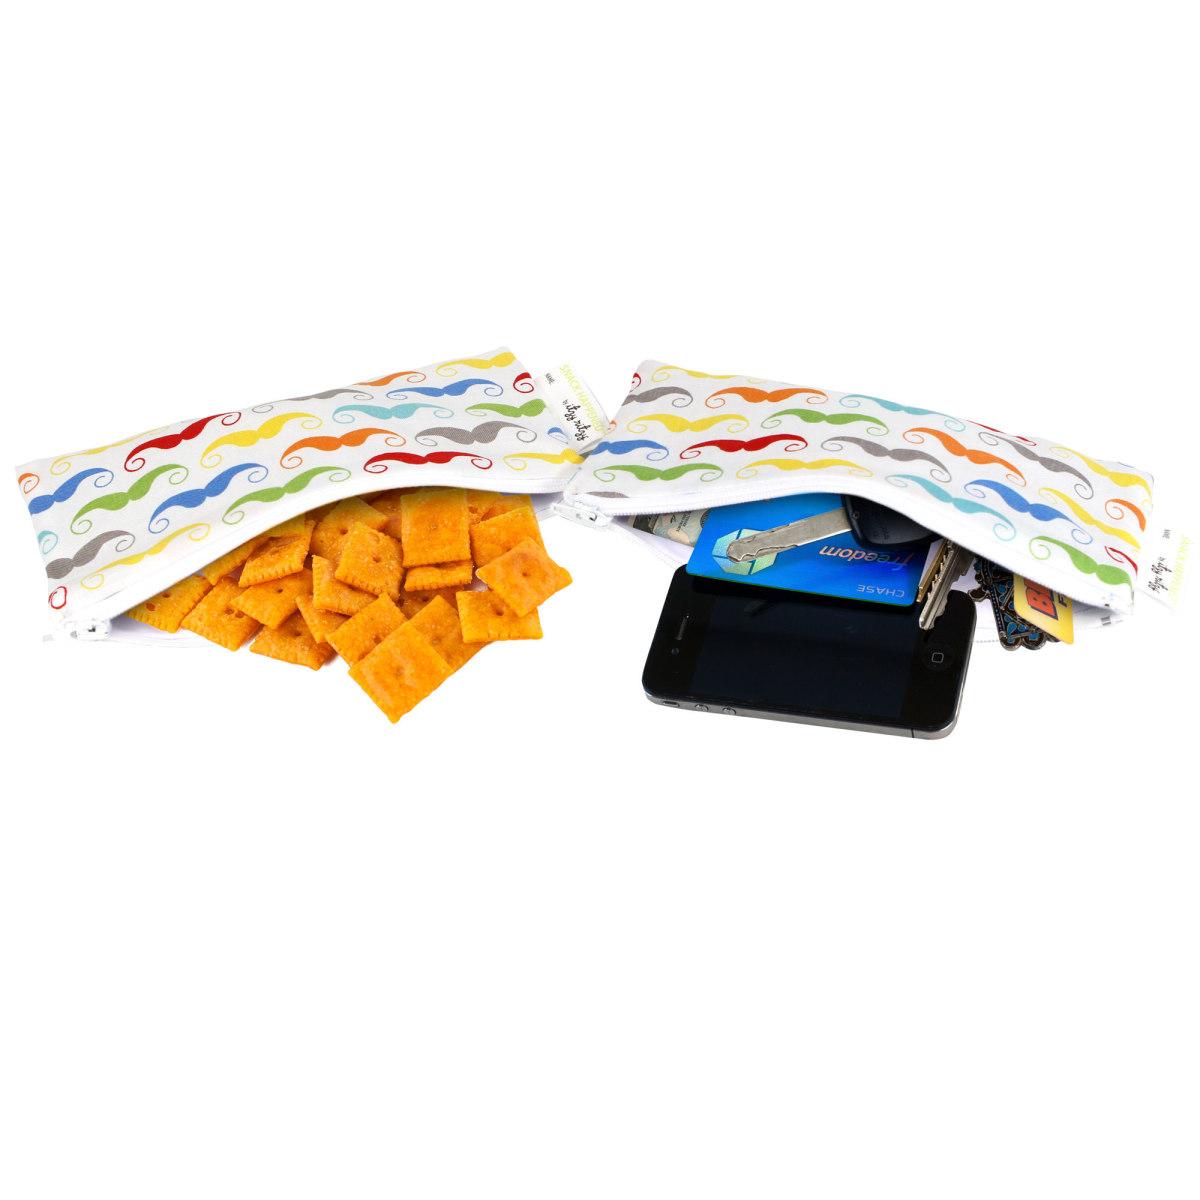 Itzy Ritzy Mini Snack Bags   2pk in Mustache     $12.95    Wants 1